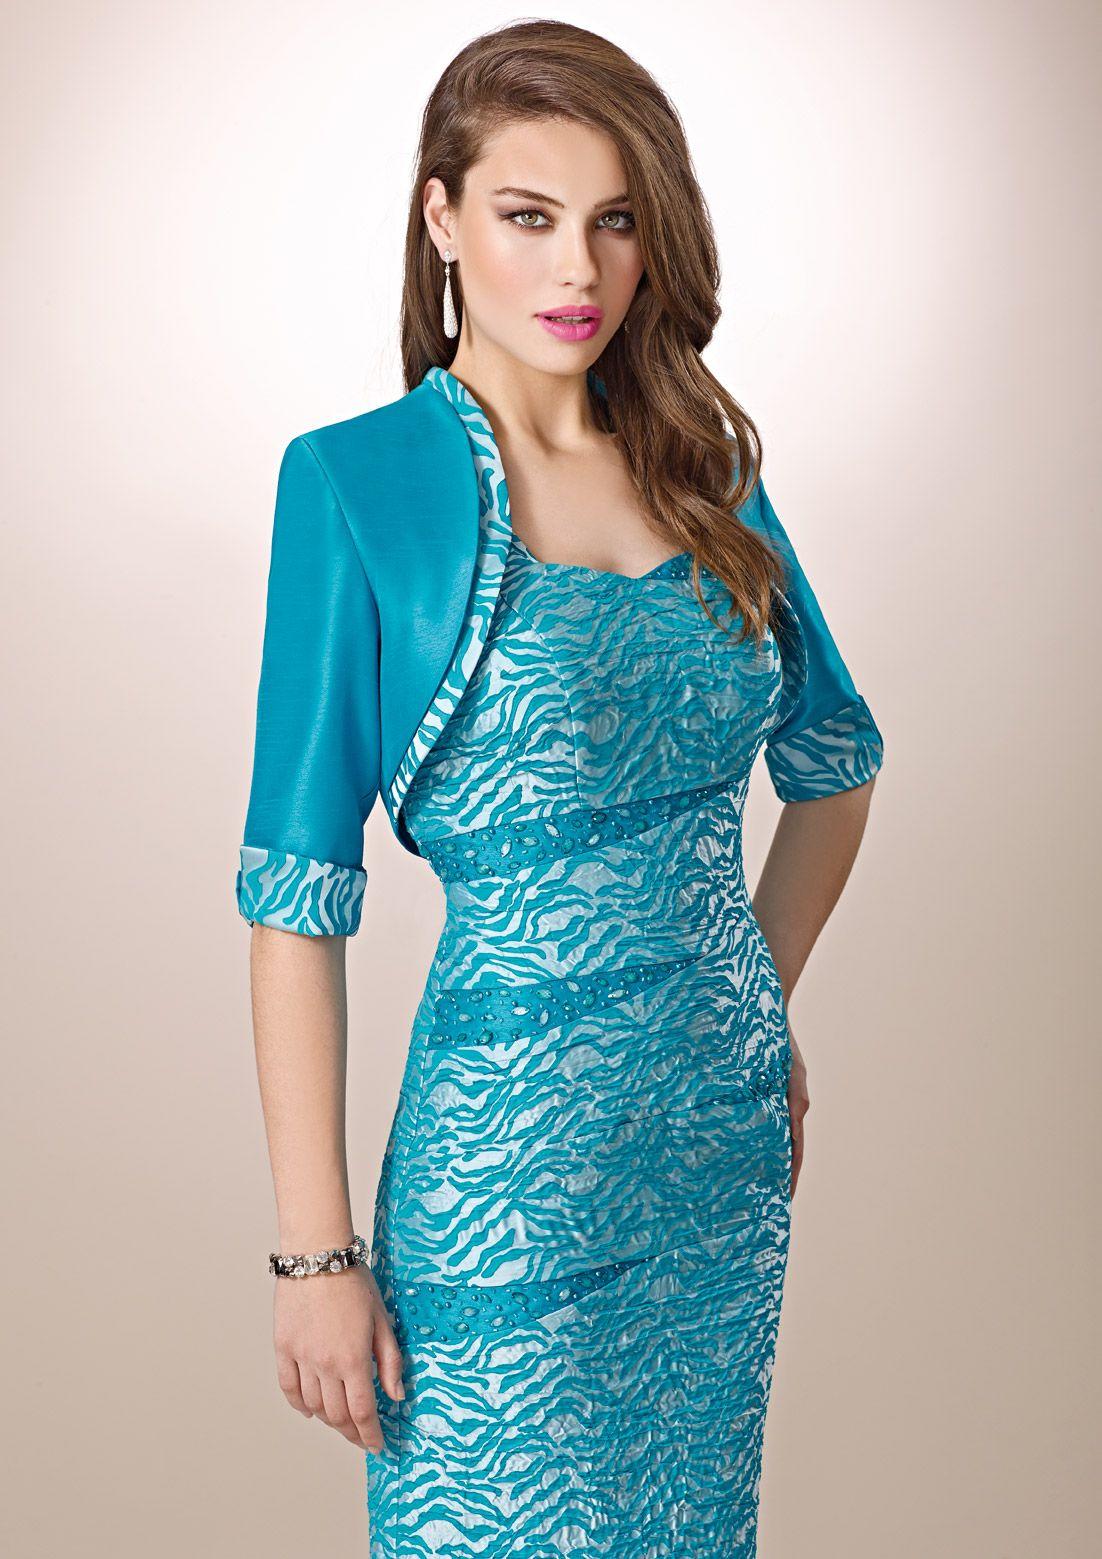 ZEILA DONNA 9205 Conjunto vestido y chaqueta en brocado y shantung ...